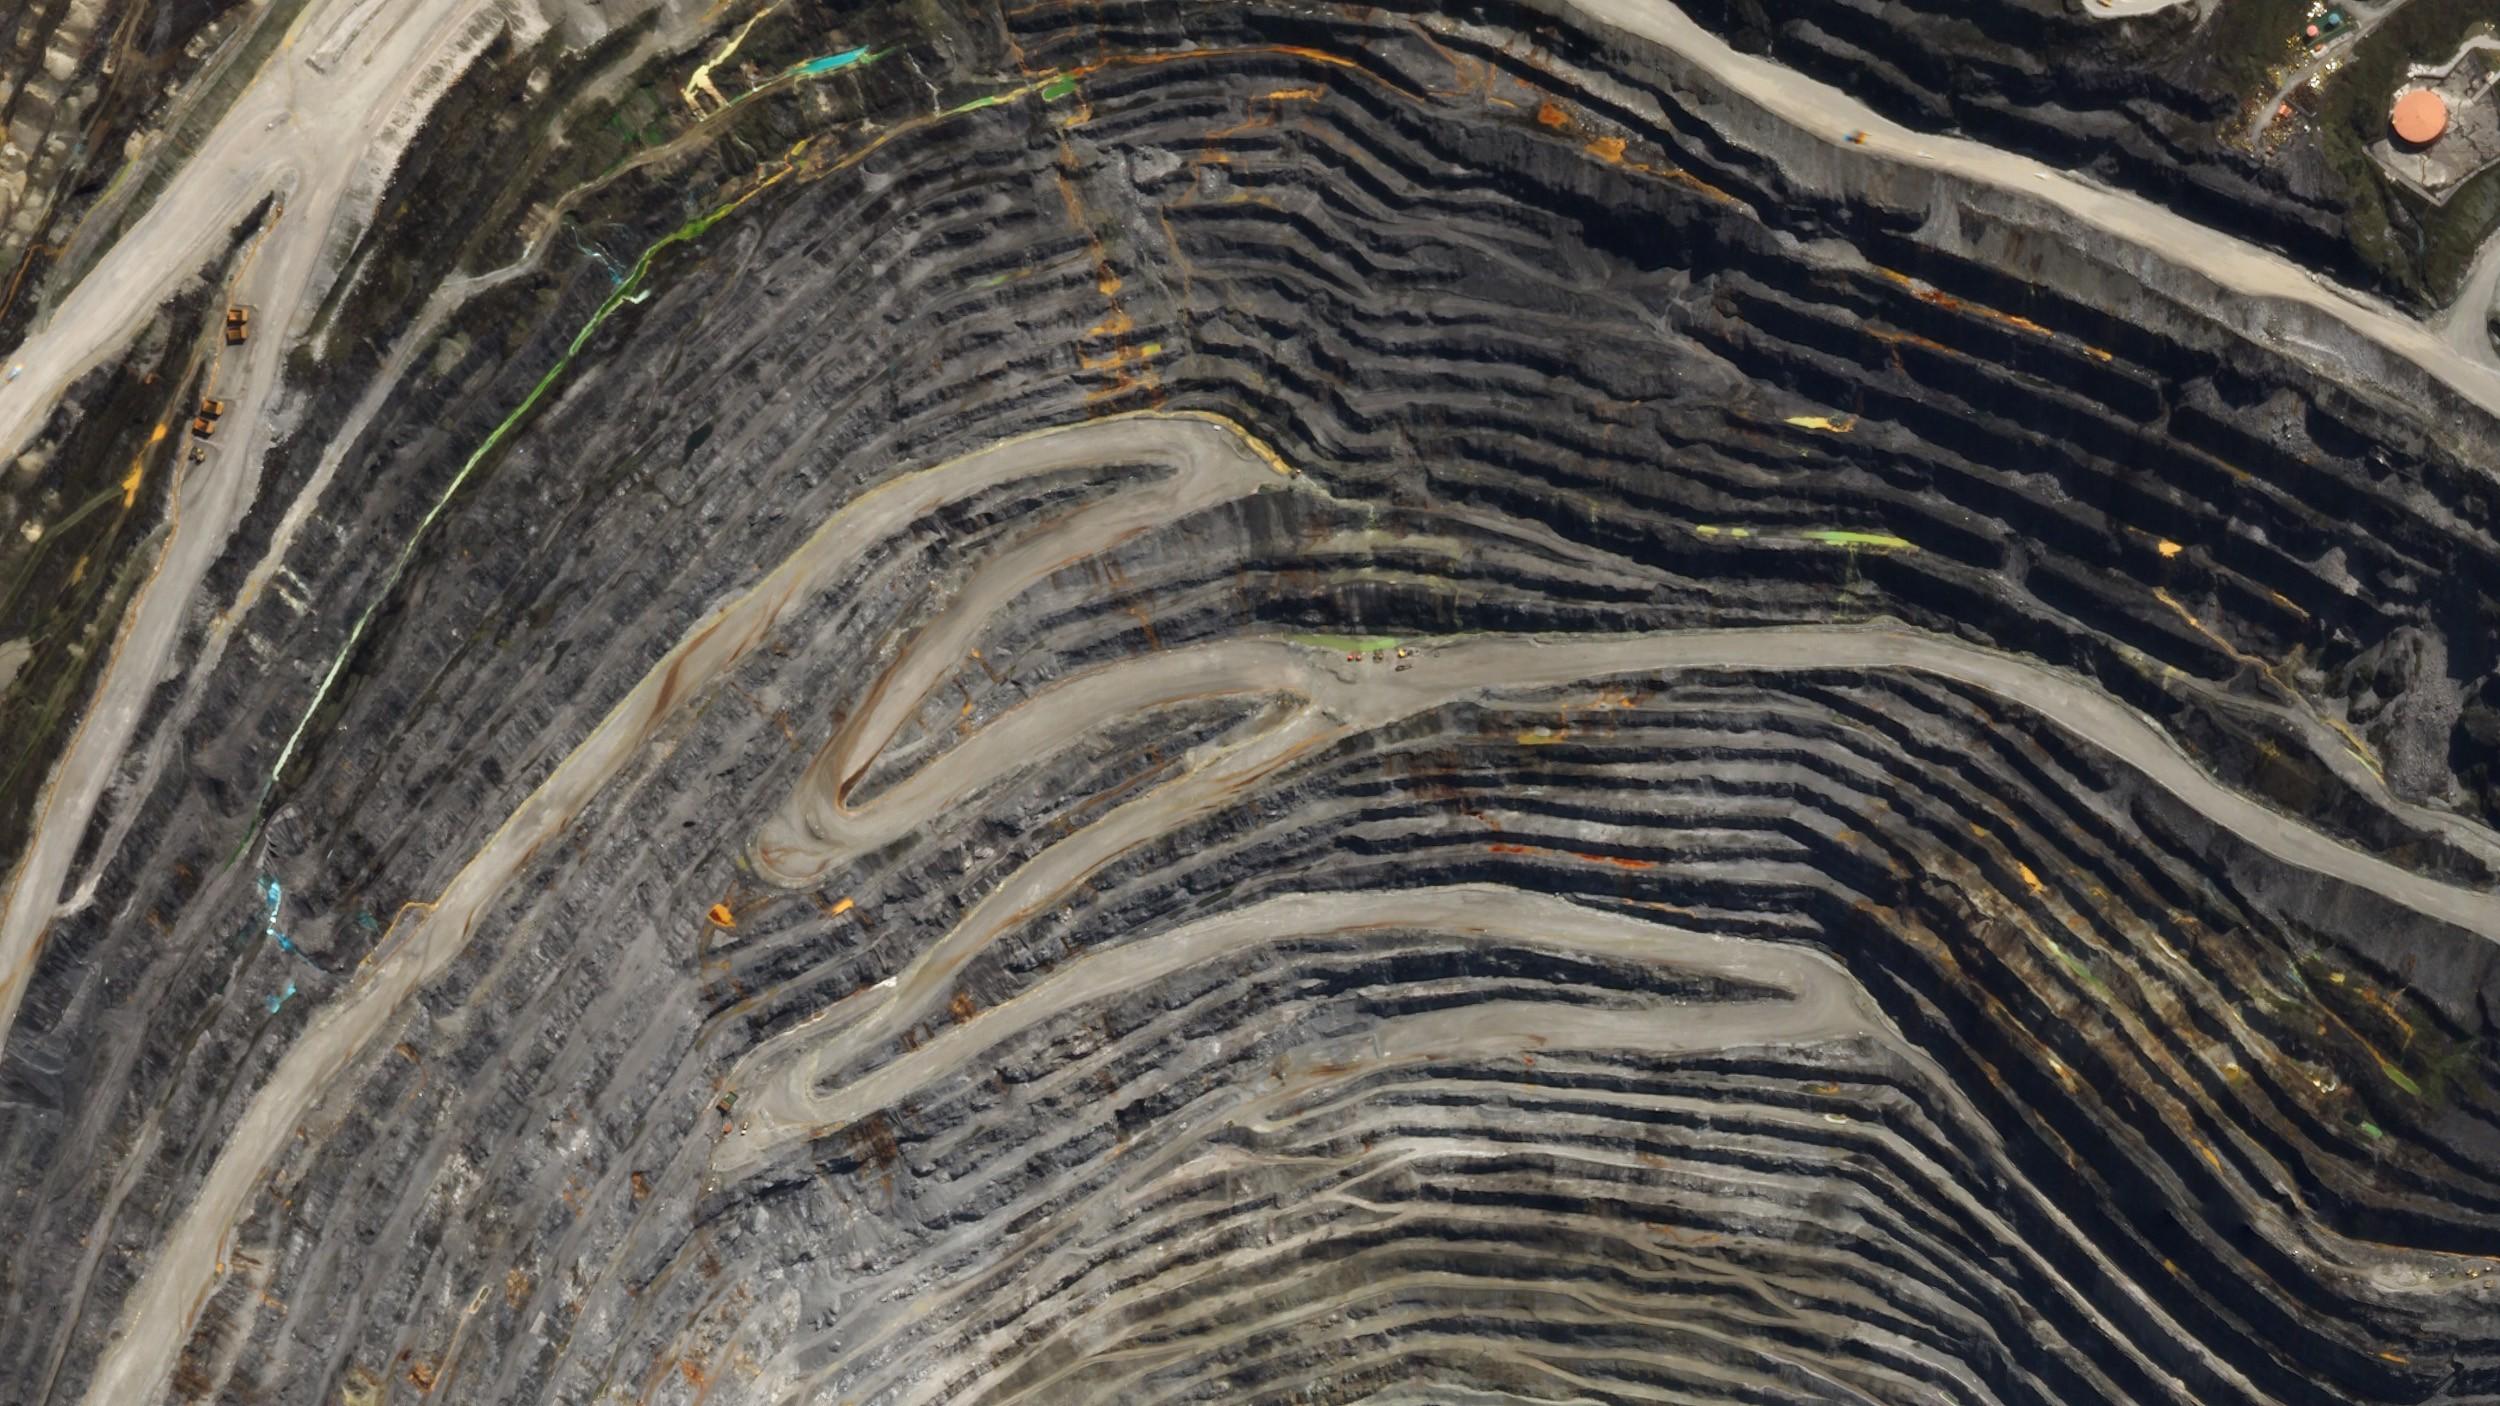 La mina Grasberg es la mina de oro más grande y la segunda más grande del mundo.  Se encuentra en la provincia de Papua en Indonesia cerca de Puncak Jaya, la montaña más alta de Indonesia.  © 2017, Planet Labs Inc.  todos los derechos son salvos.